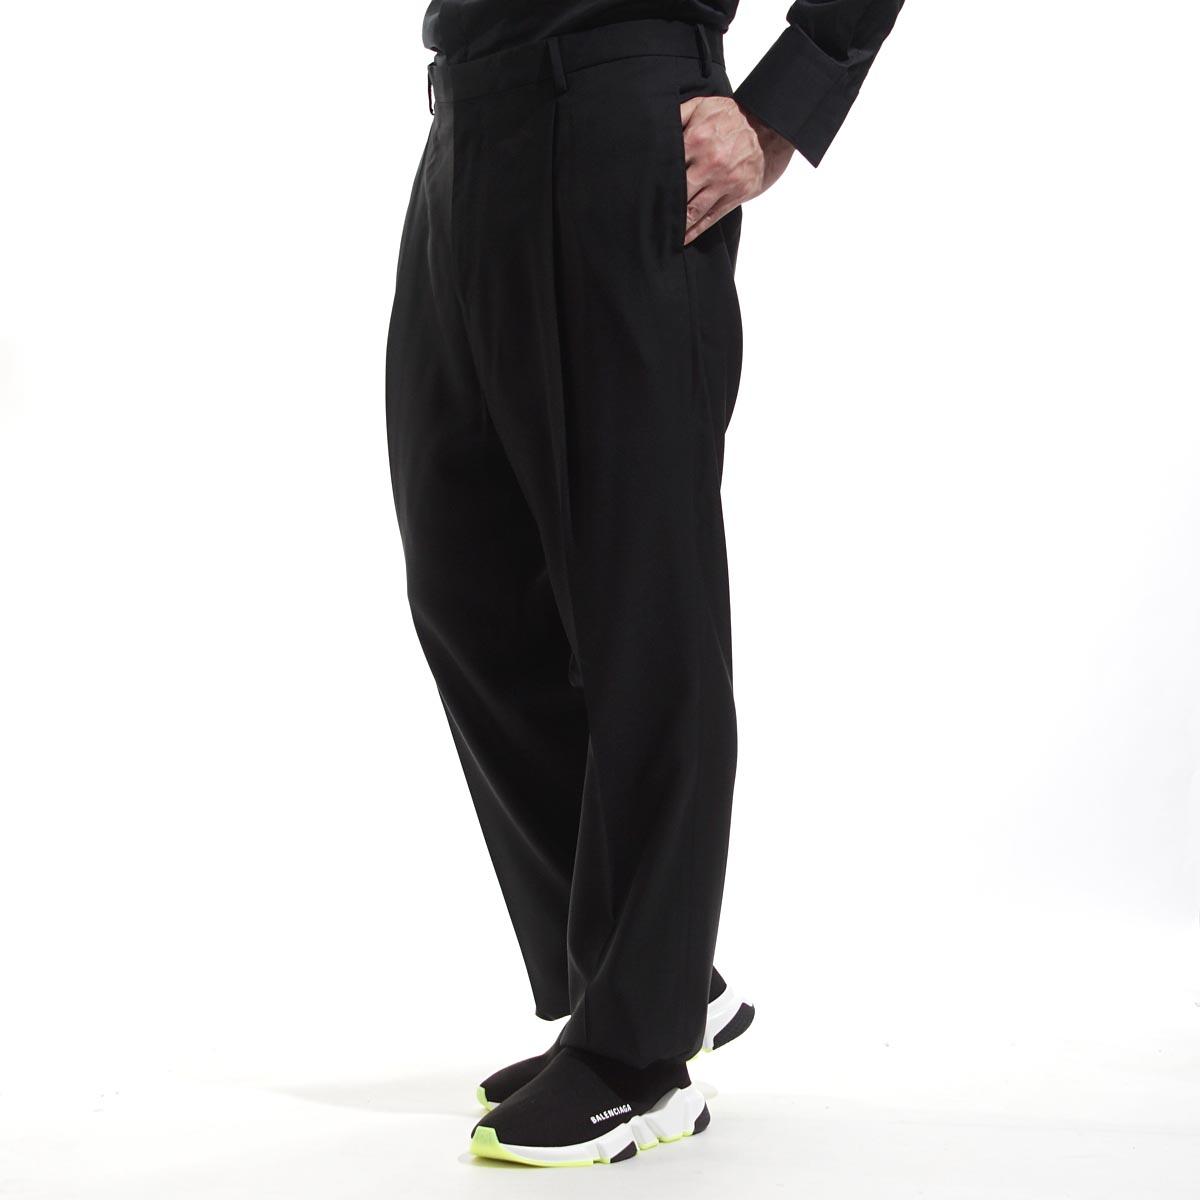 ランバン LANVIN ジップフライパンツ ワンプリーツ DEFILE PANTALON 1 PLI BLACK ブラック系 250 71510 rmtr0029 l00500 p15 10 メンズ【ラッピング無料】【返品送料無料】【あす楽対応_関東】